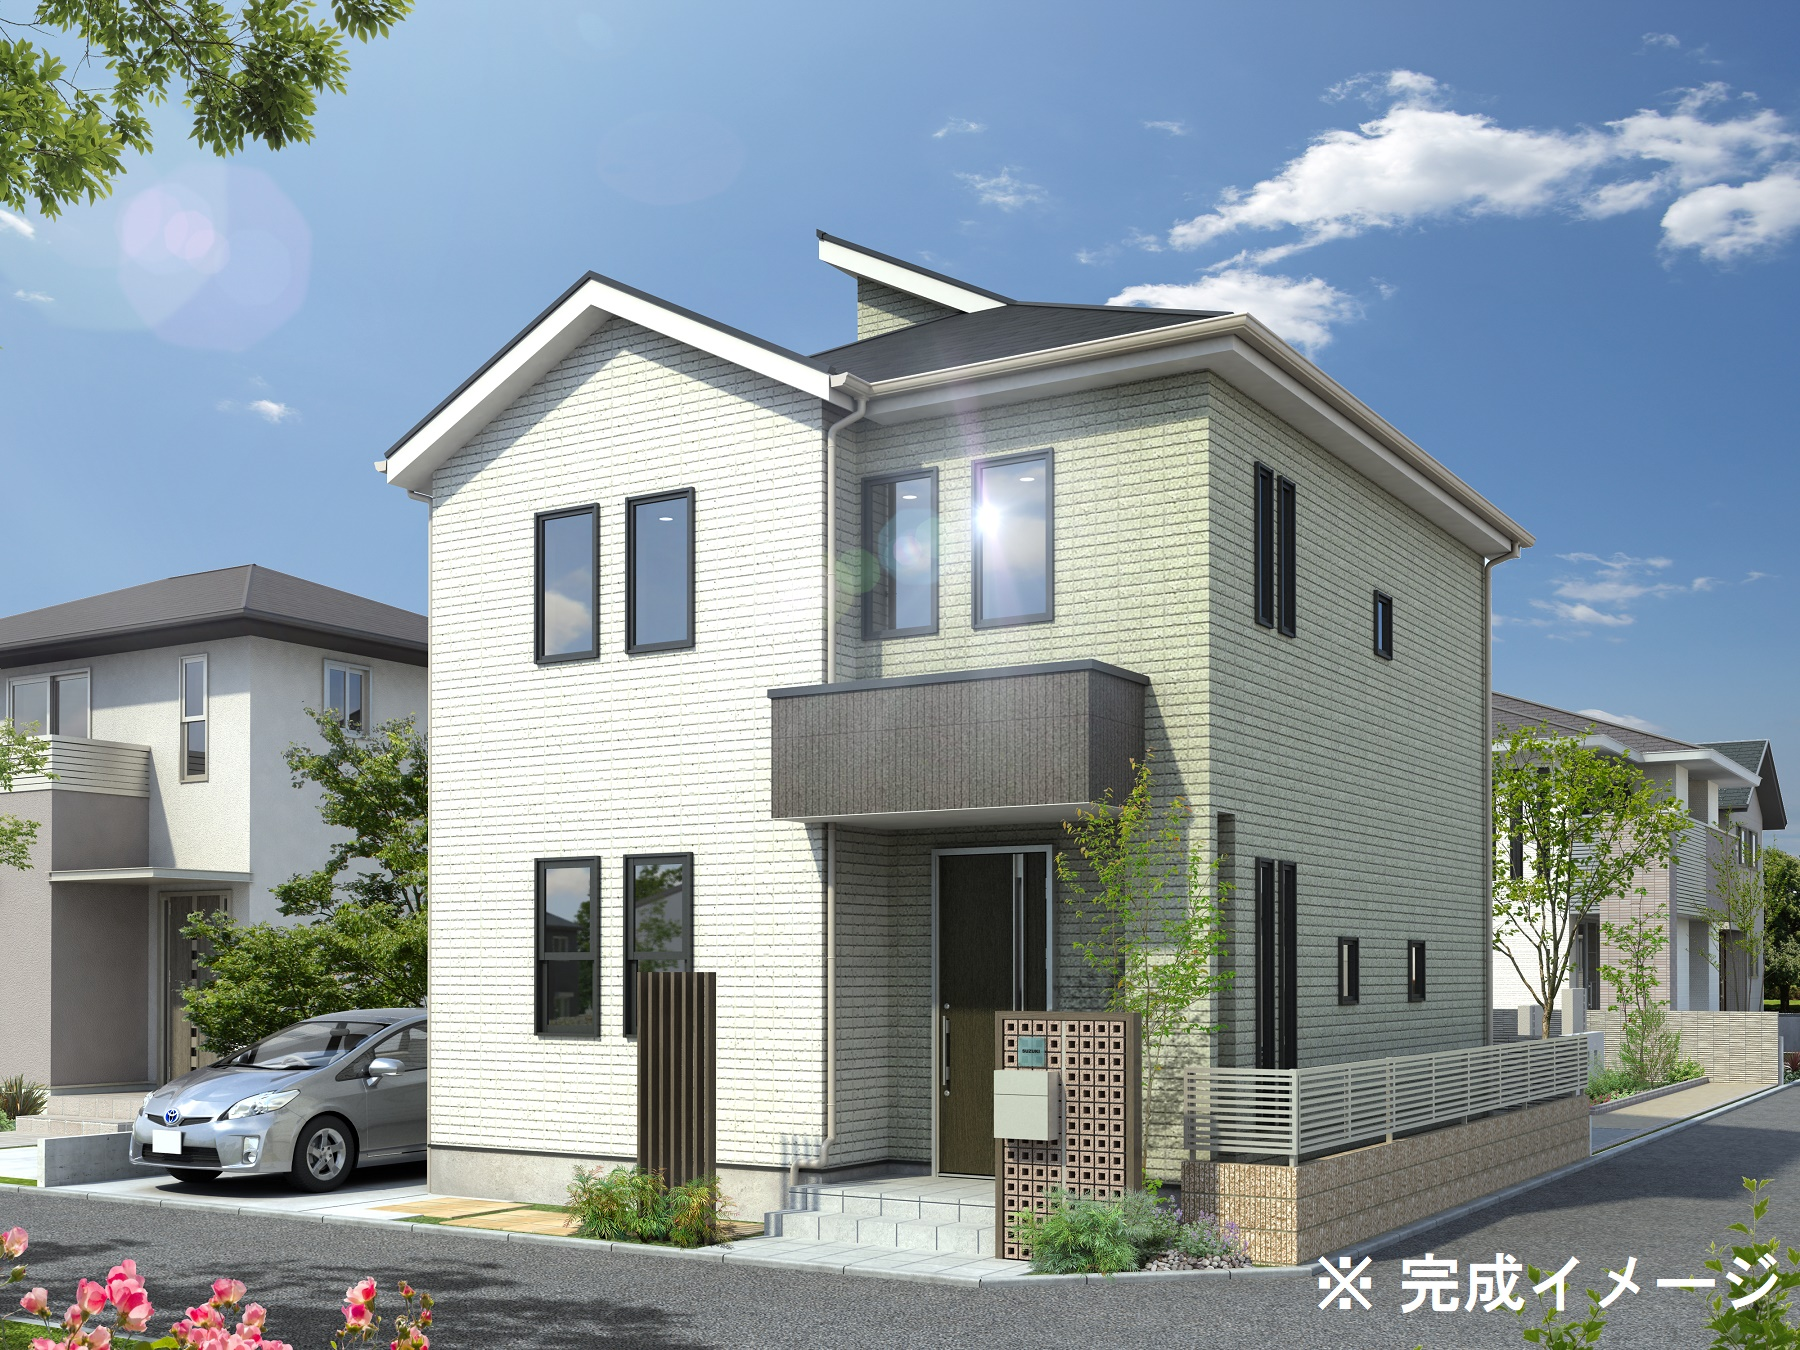 モデルハウス(住宅展示場)武蔵野店(小金井東街かどモデルハウス)